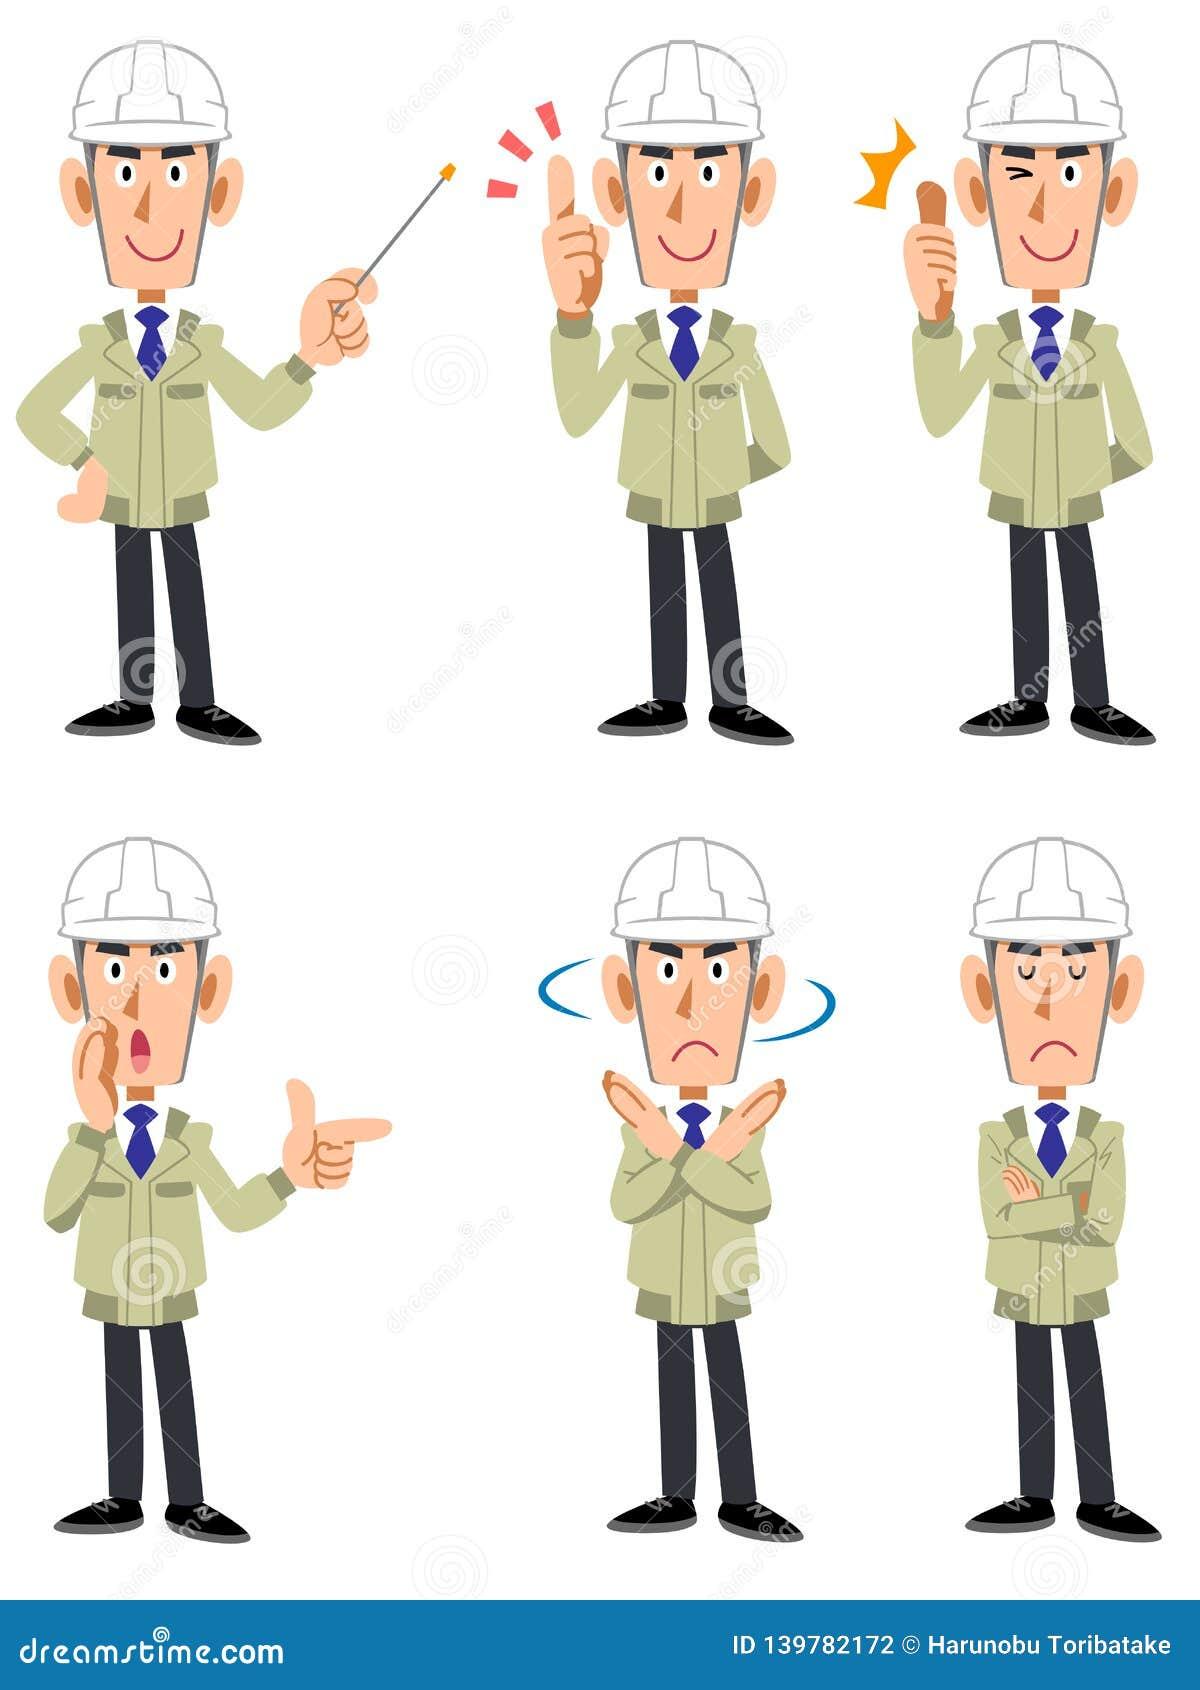 Un sistema de expresiones faciales y de gestos de seis tipos de varones en una tienda de la construcción que lleva un casco